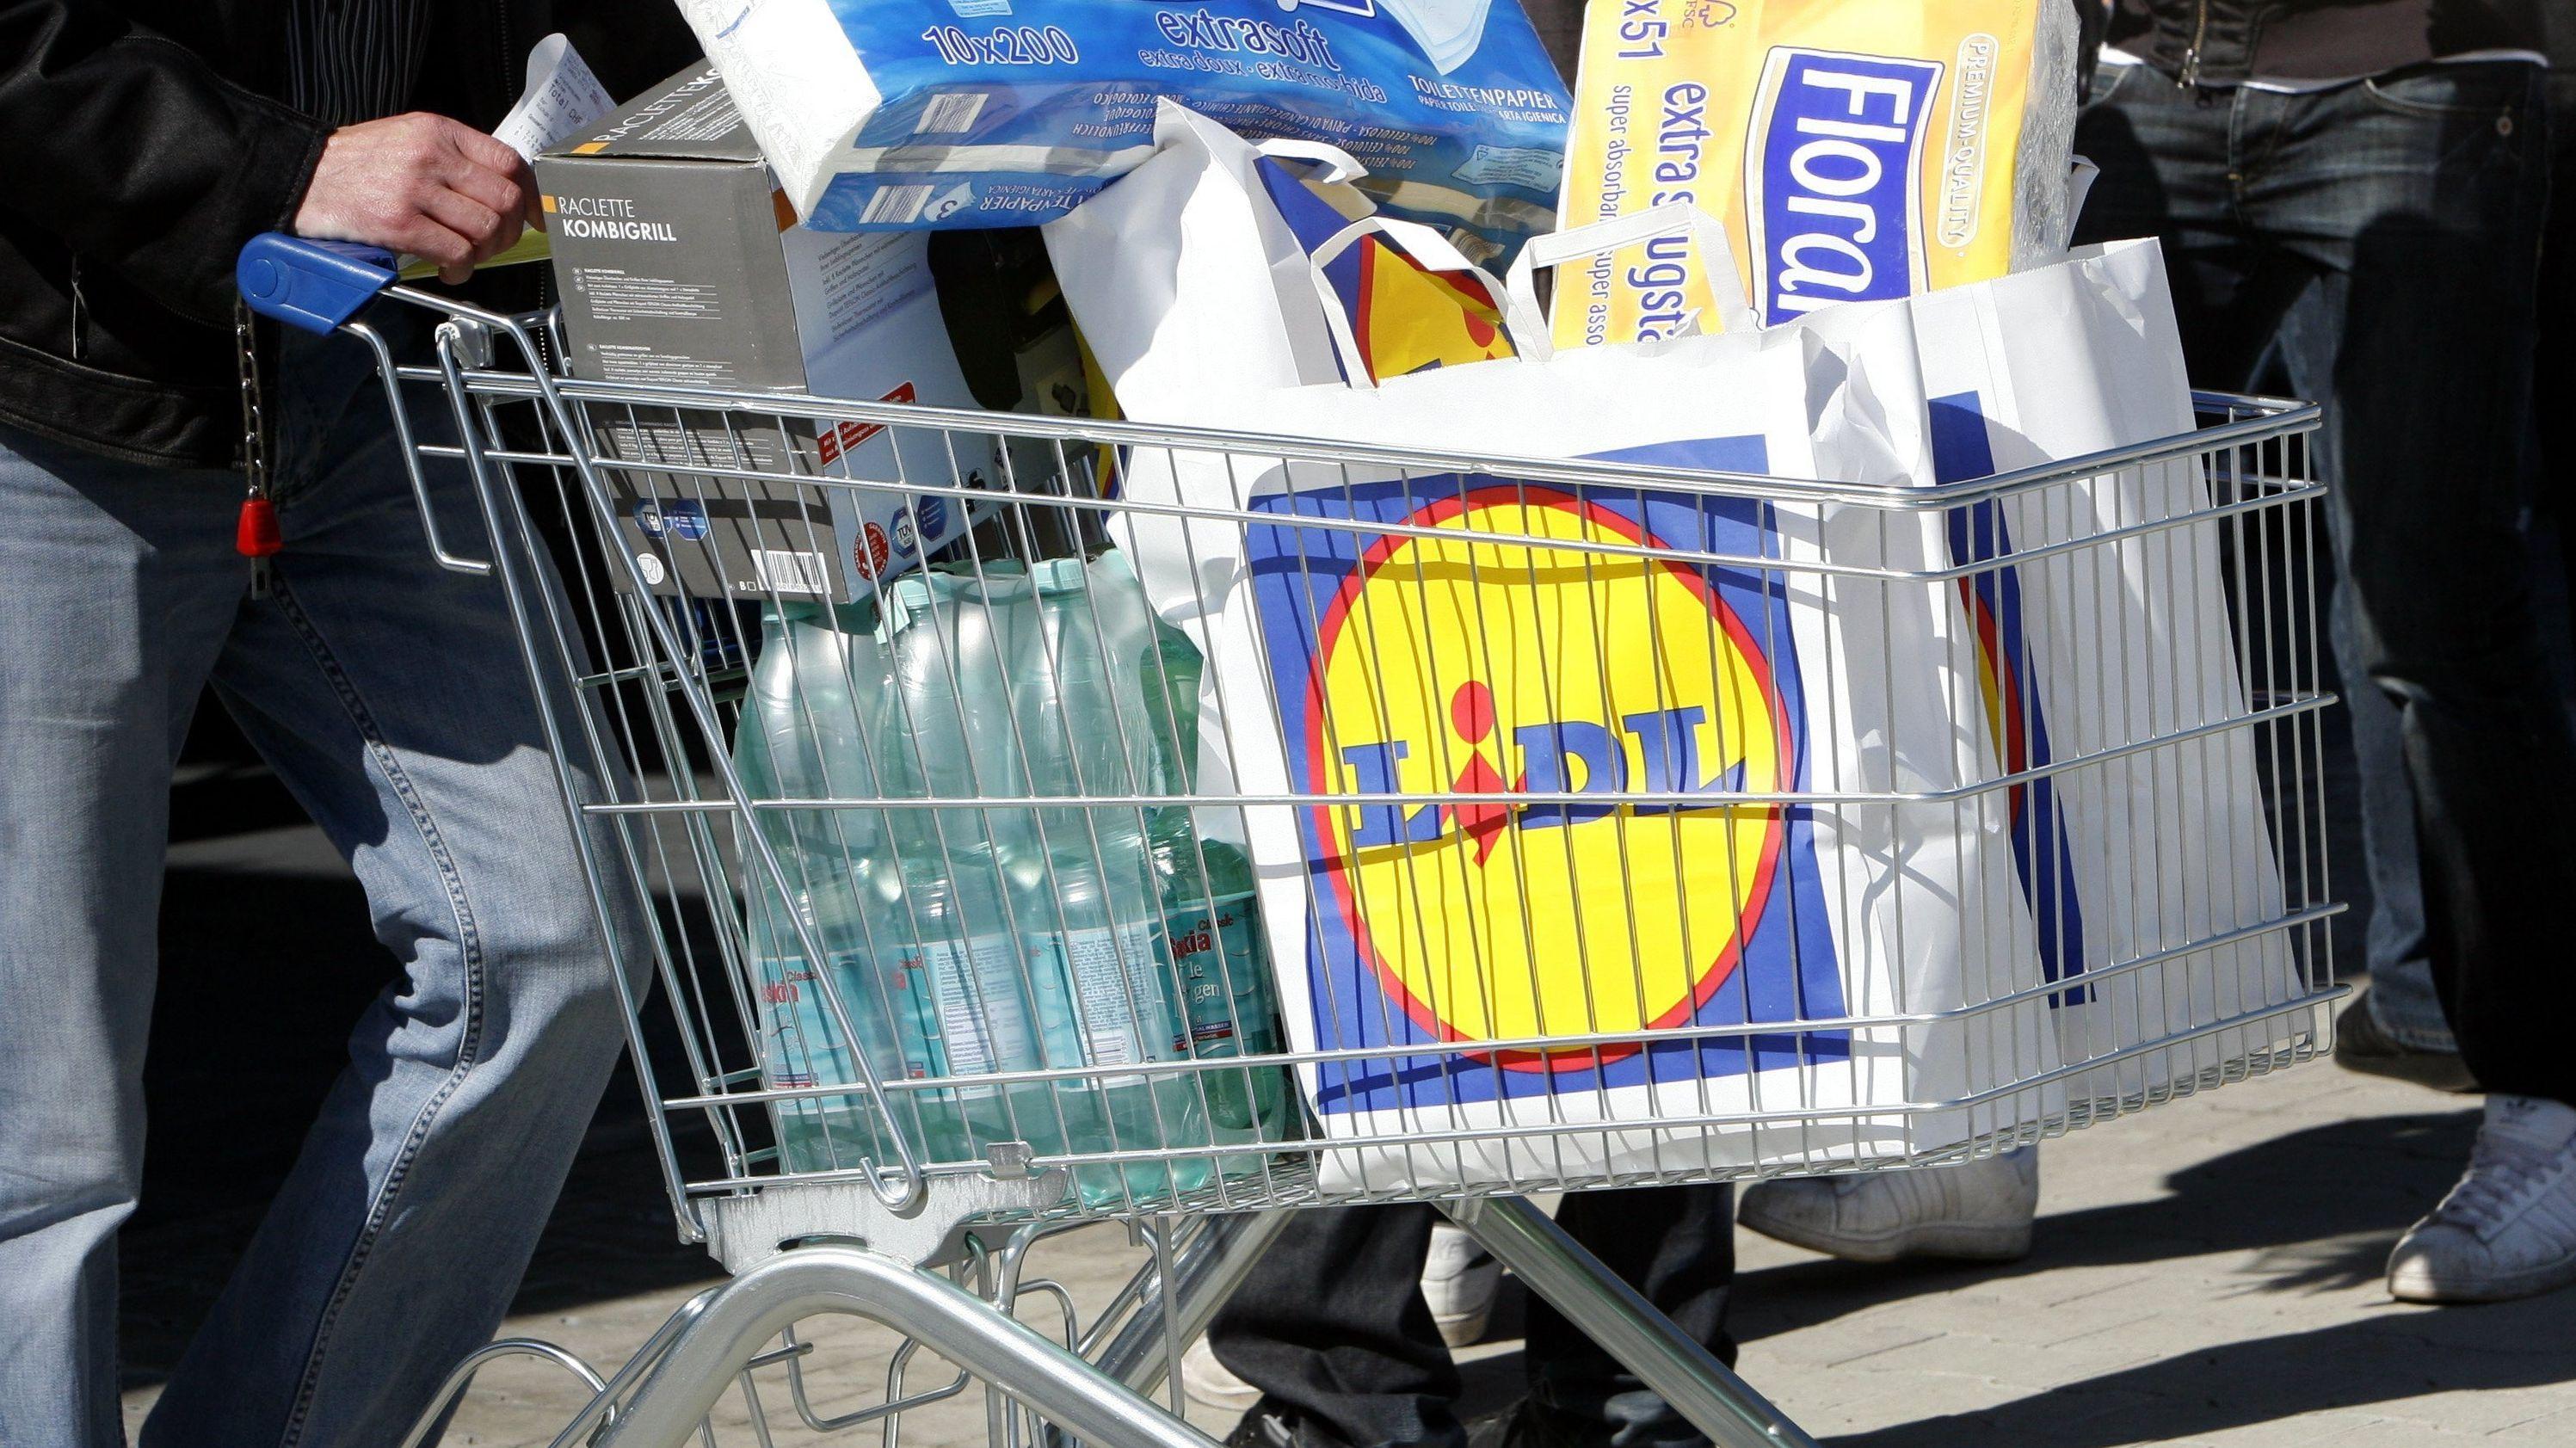 Ein Einkaufswagen von Lidl mit Tüten und Einkäufen